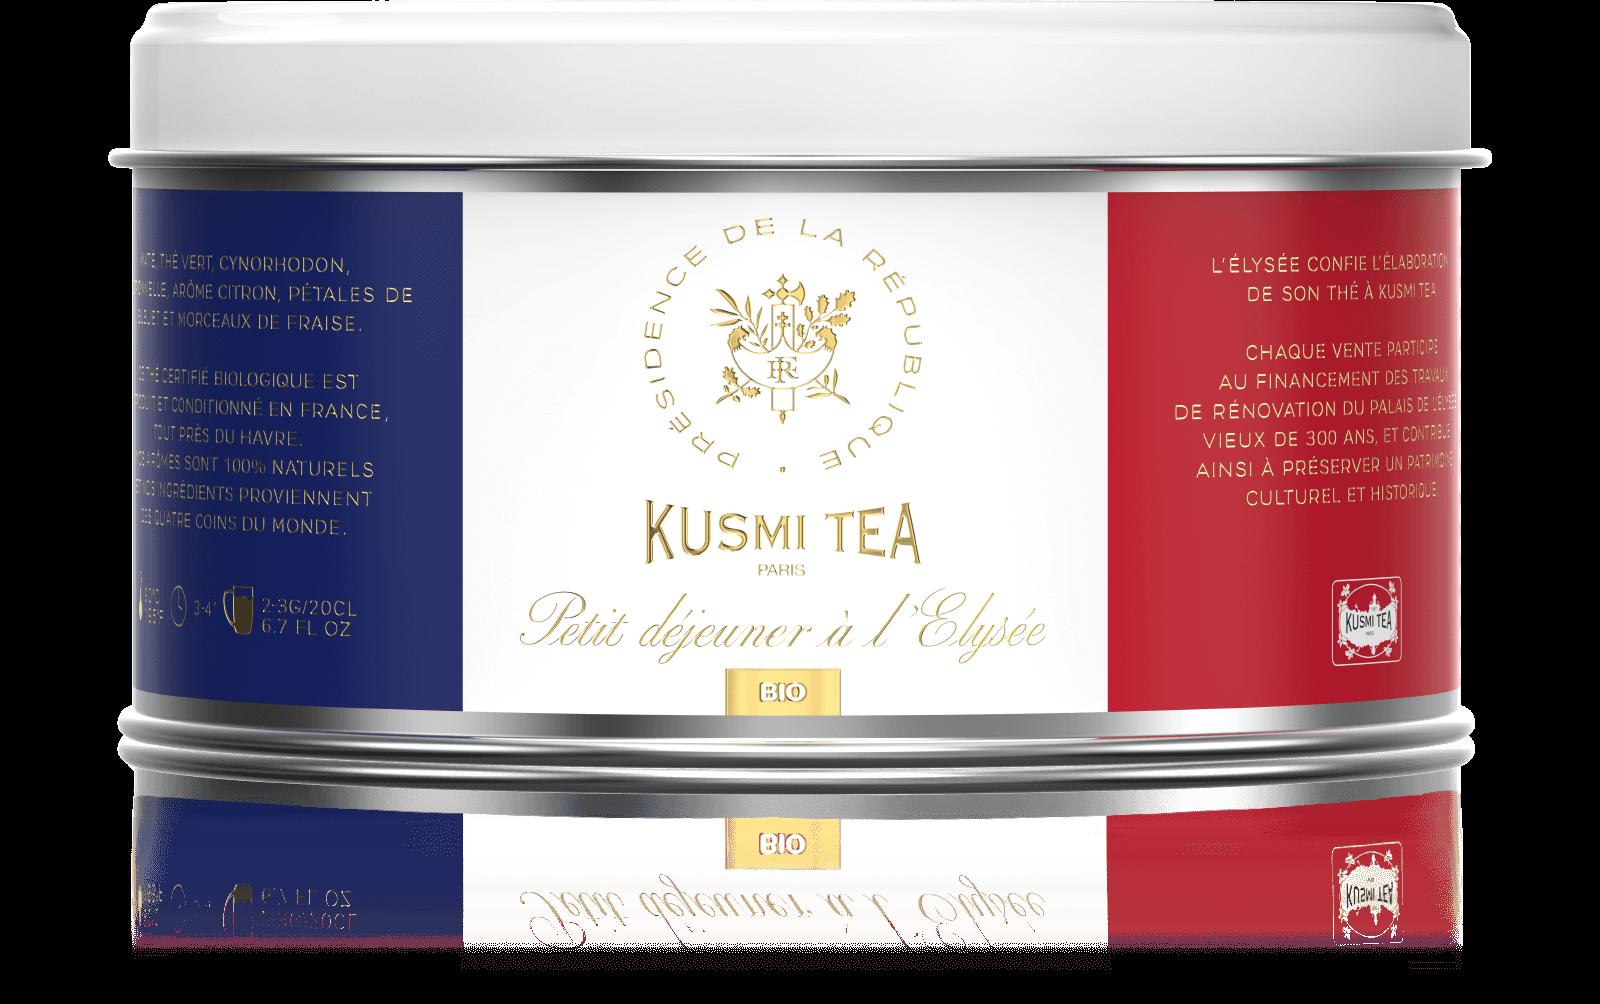 Petit déjeuner à l'Elysée bio - Thé vert, maté, citron - Boîte de thé en vrac - Kusmi Tea